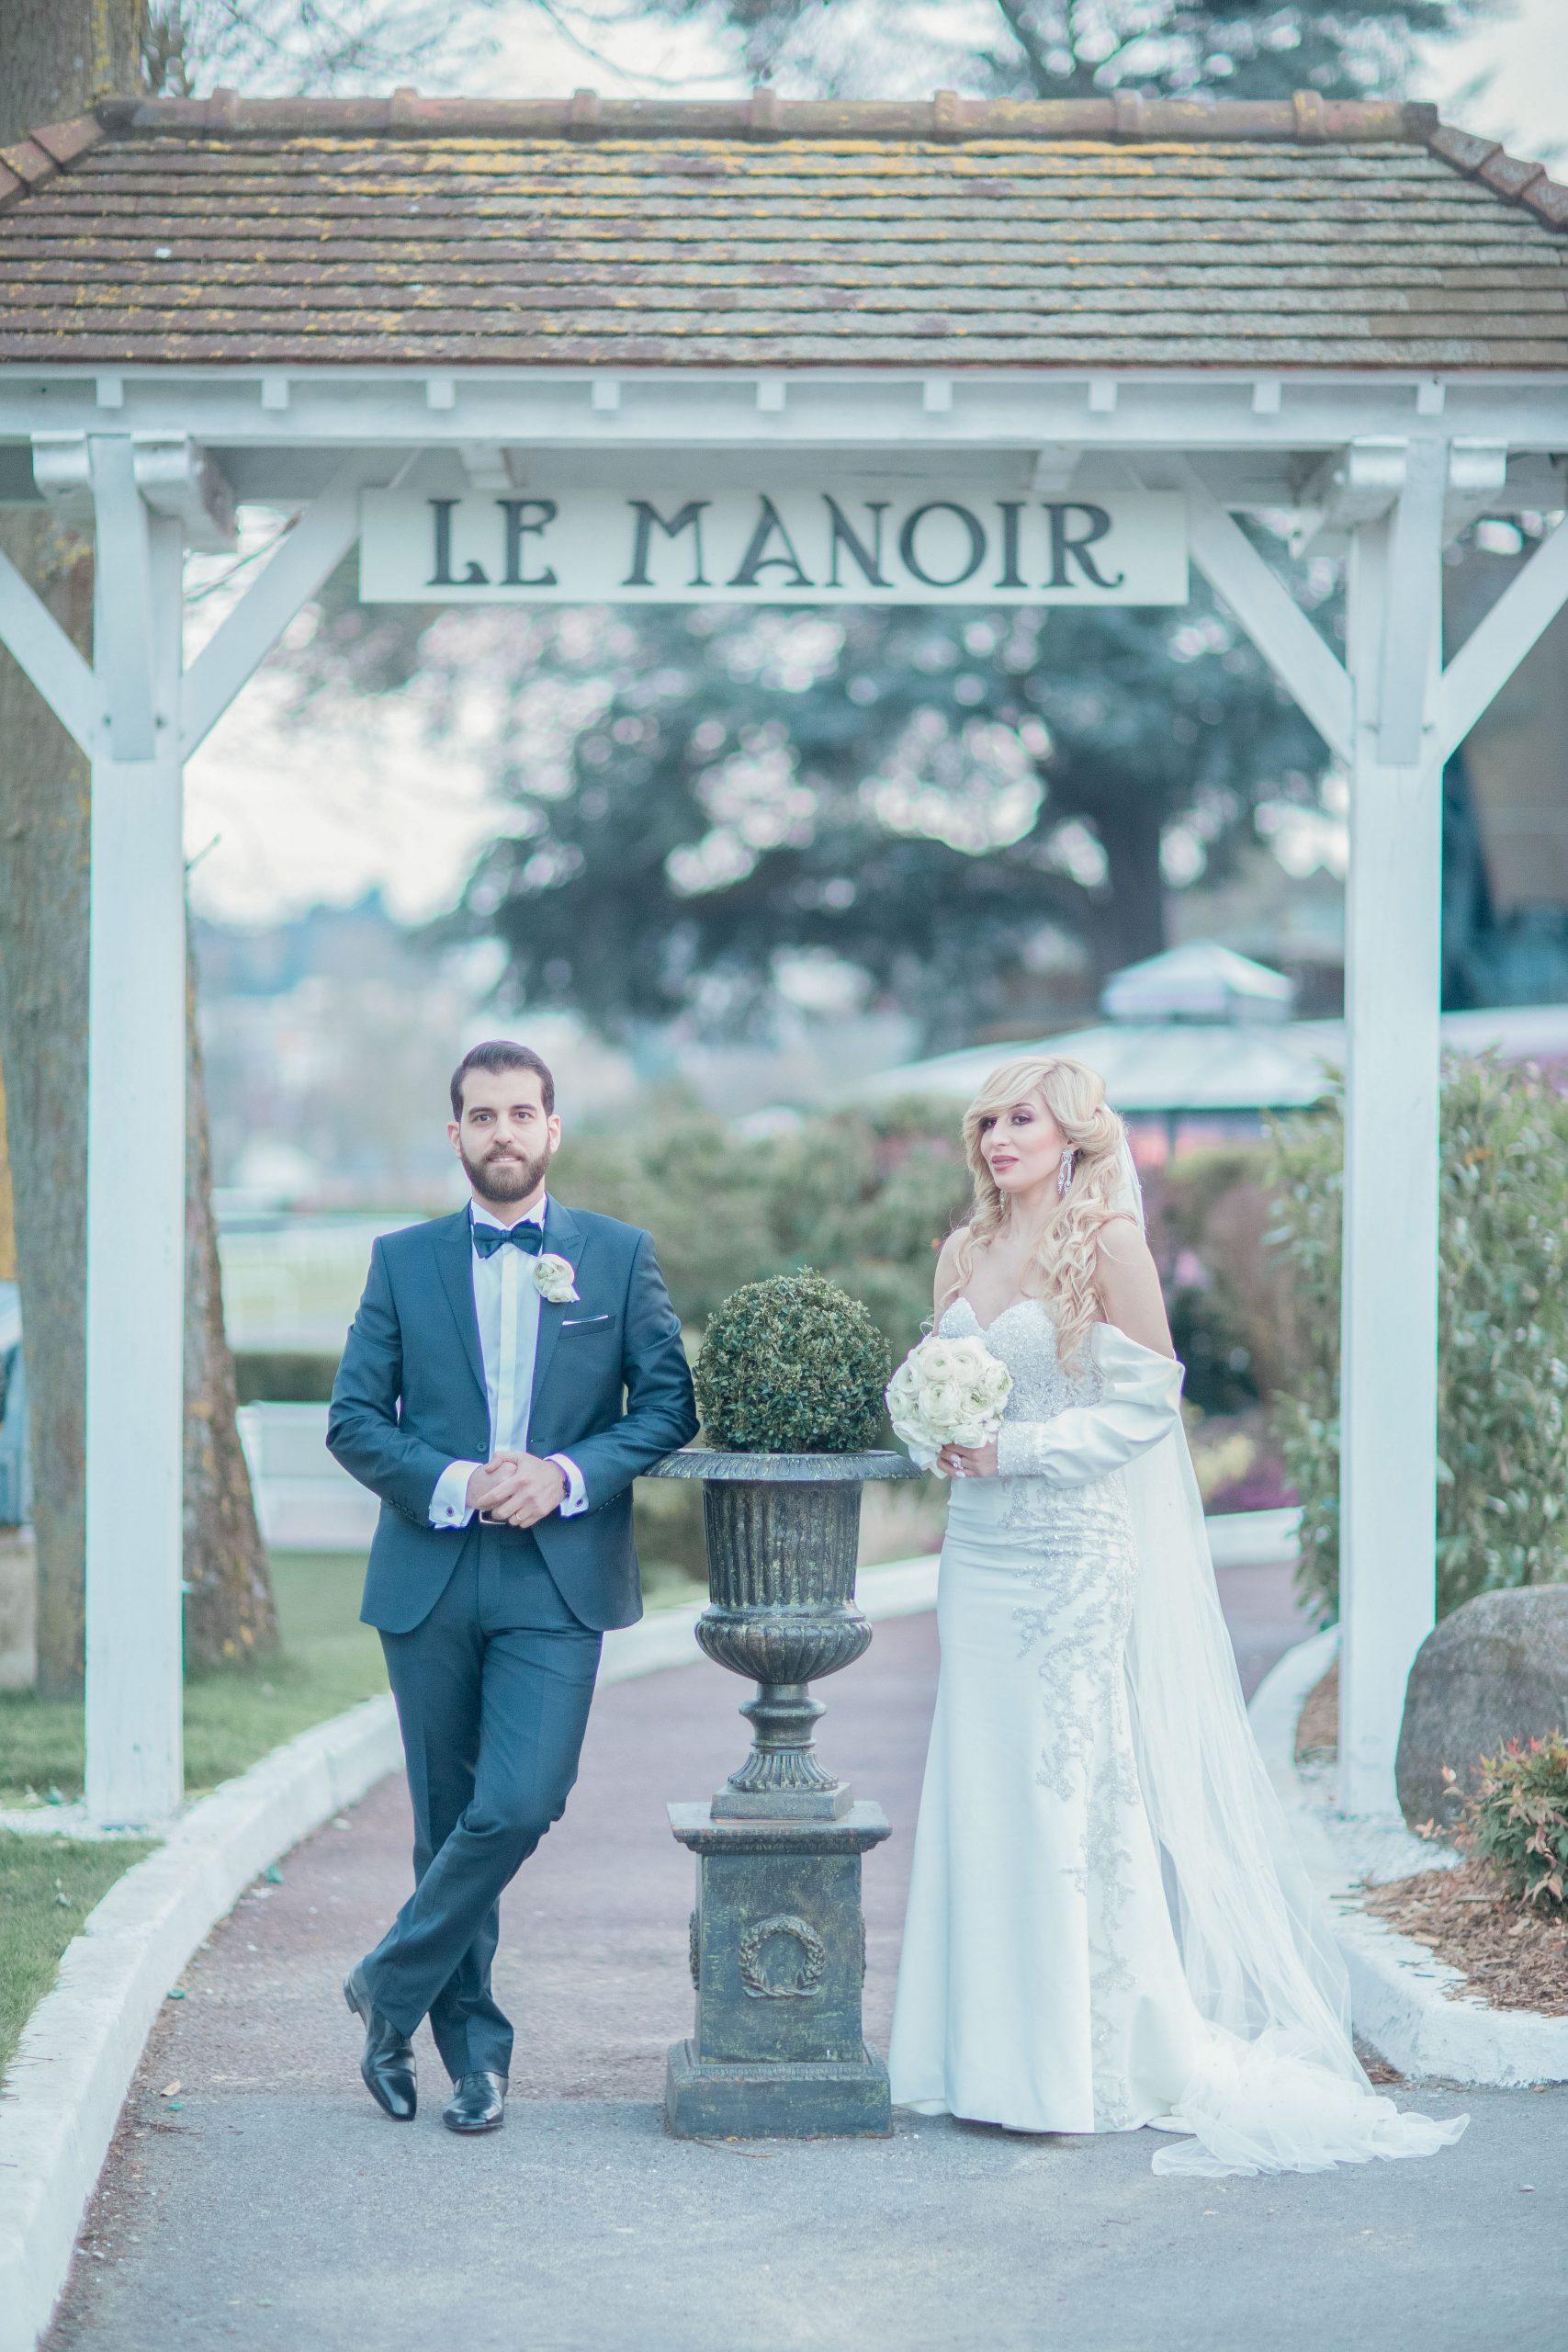 photographie-mariage-manoir-saintcloud-ile-de-france